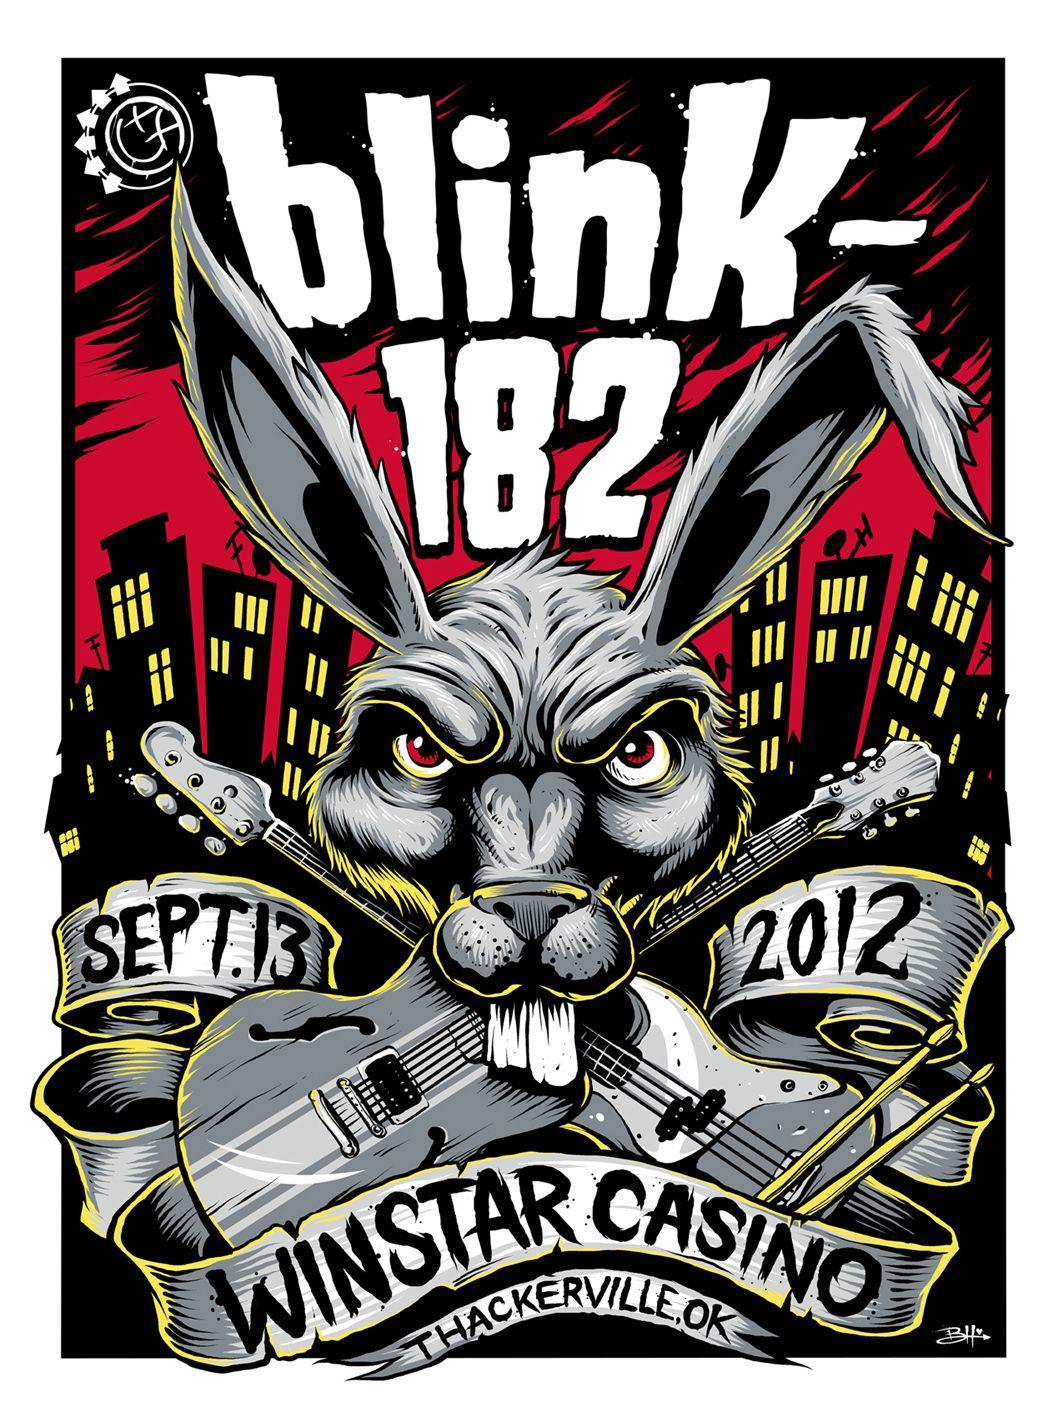 Blink 182. Gig poster illustration style | Blink 182 | Pinterest